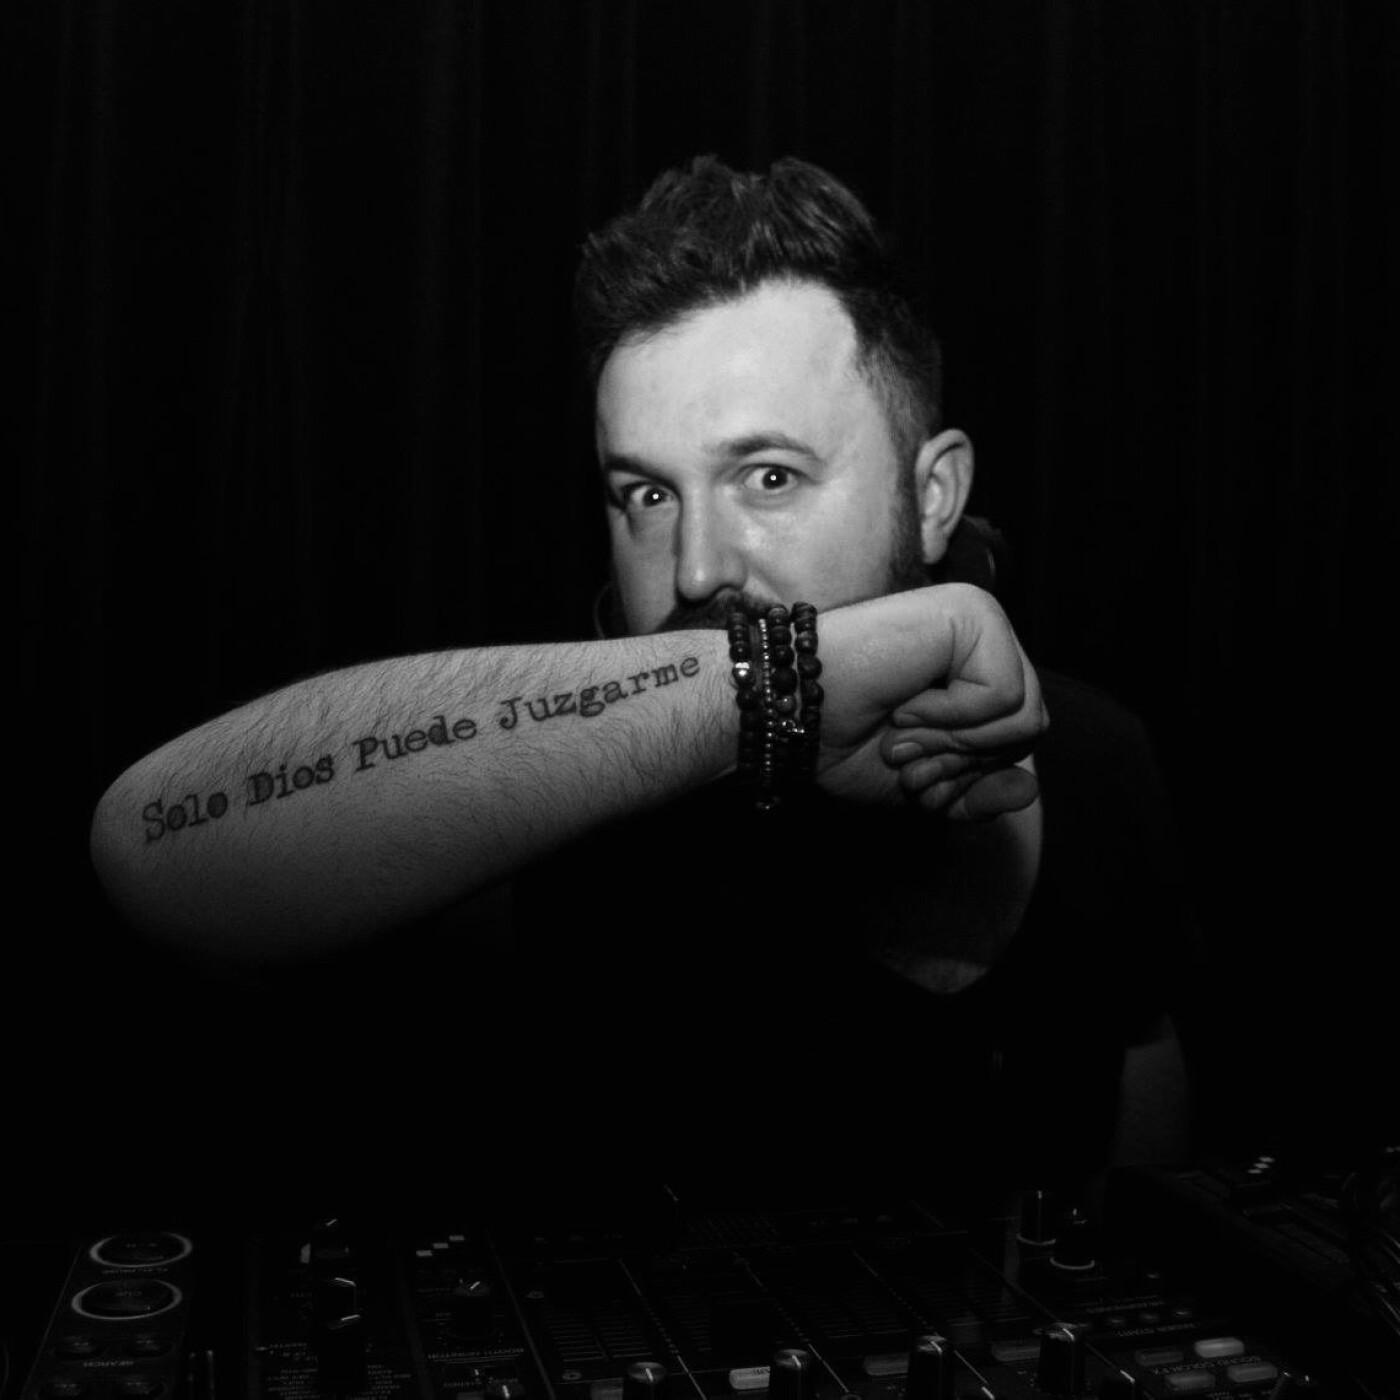 Loic Henrio parle des changements sur l'Ile d'Ibiza - 23 08 2021 - StereoChic Radio